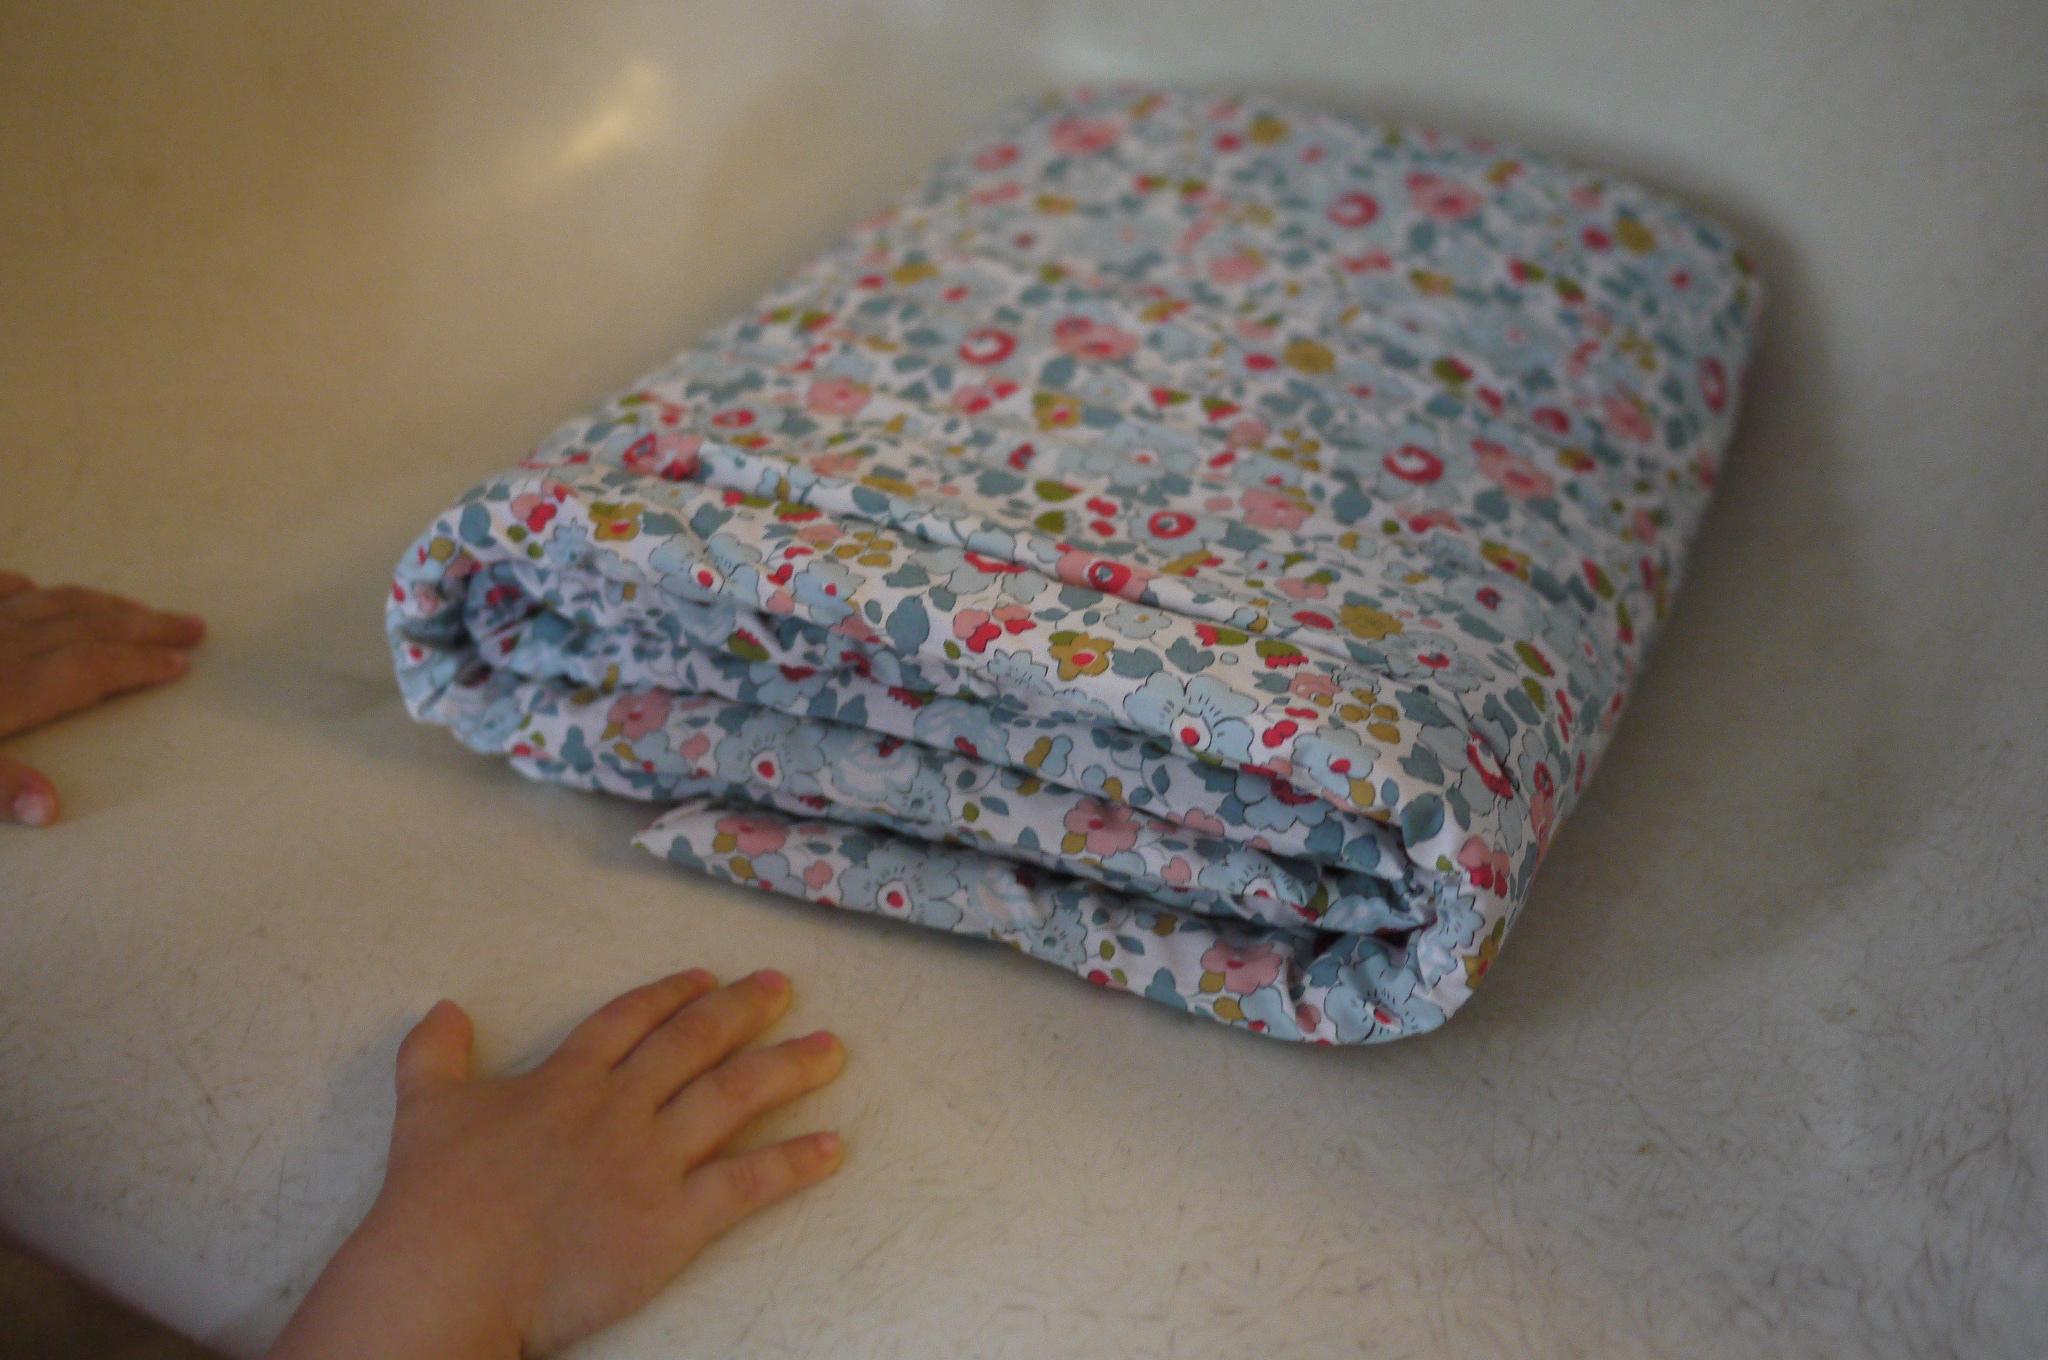 couverture matelassée pour bébé Une couverture de bébé toute douce – Le blog des Lulus couverture matelassée pour bébé